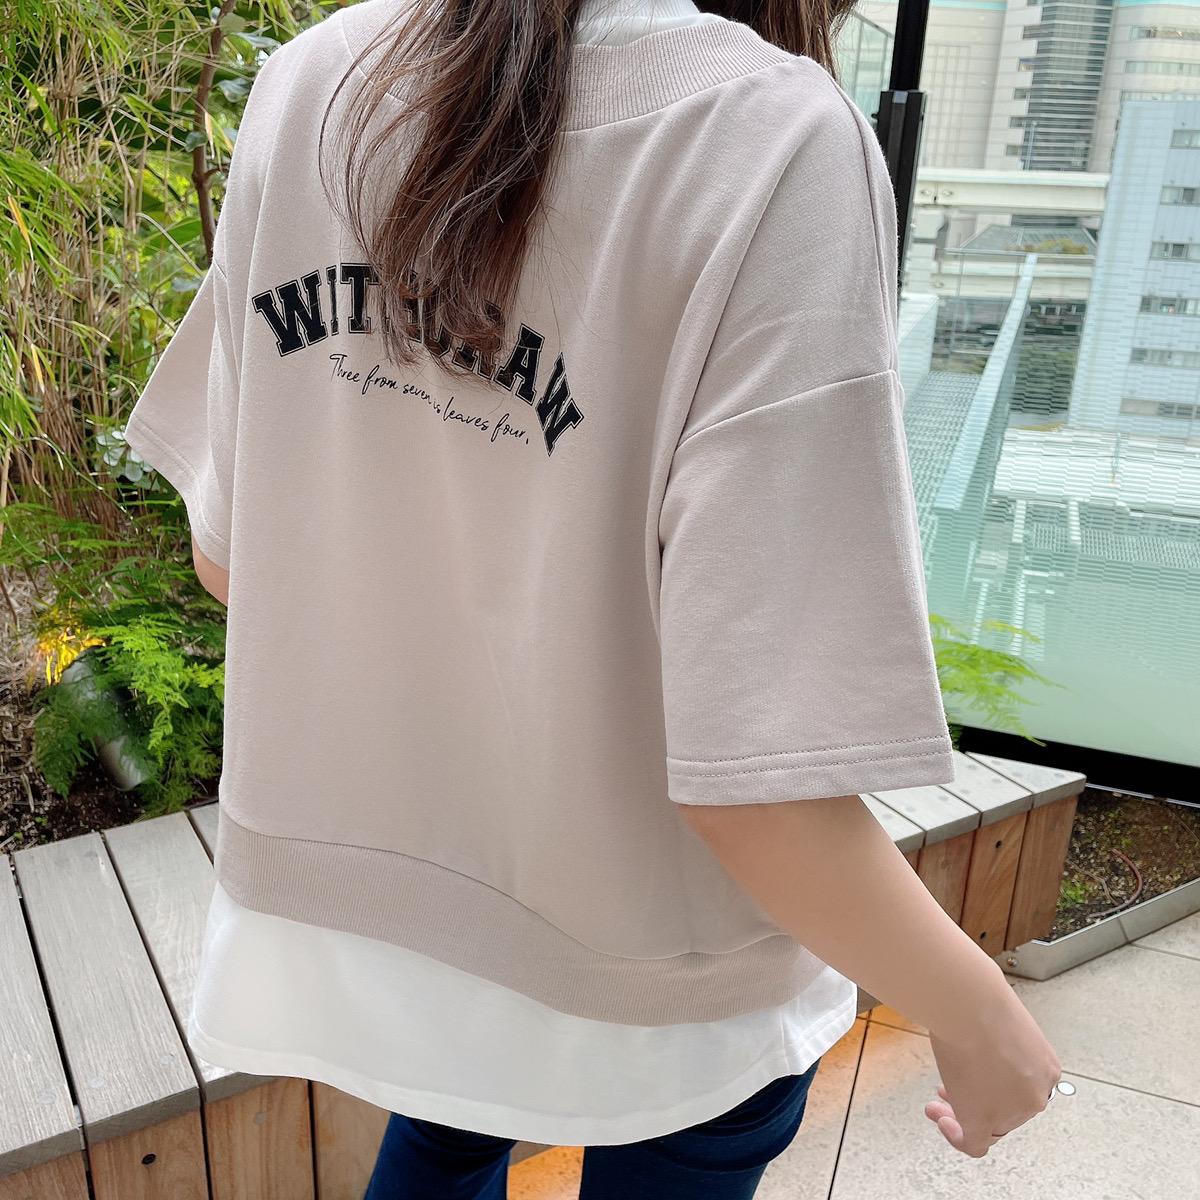 【6/23再入荷】バックptレイヤードプルオーバー